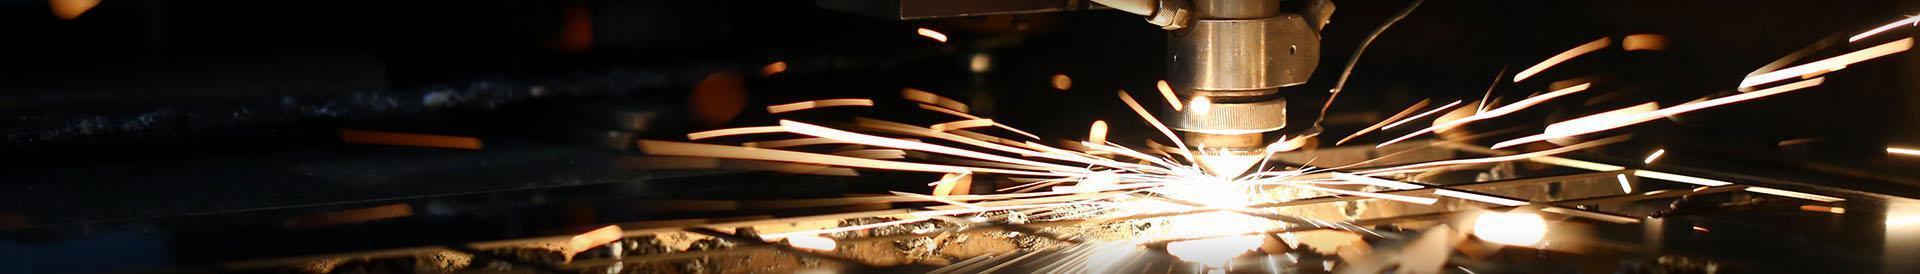 Maszyna wycina w metalu